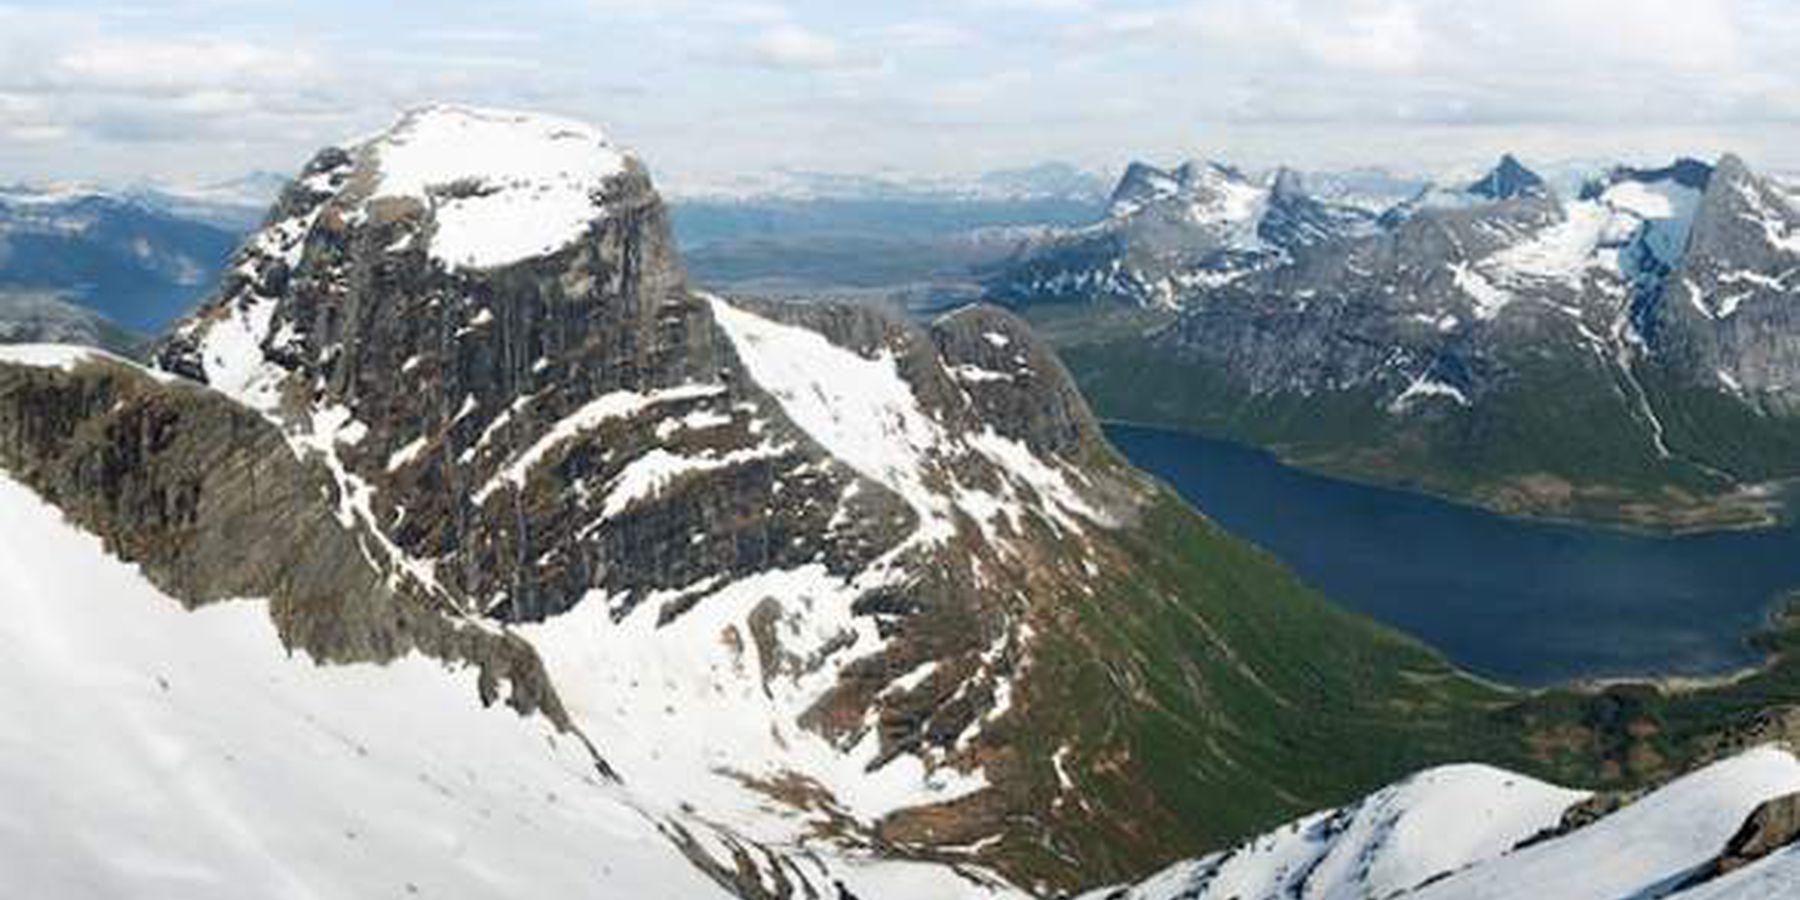 Sjunkhatten National Park - Doets Reizen - Vakantie Noorwegen - Credits VisitNorway